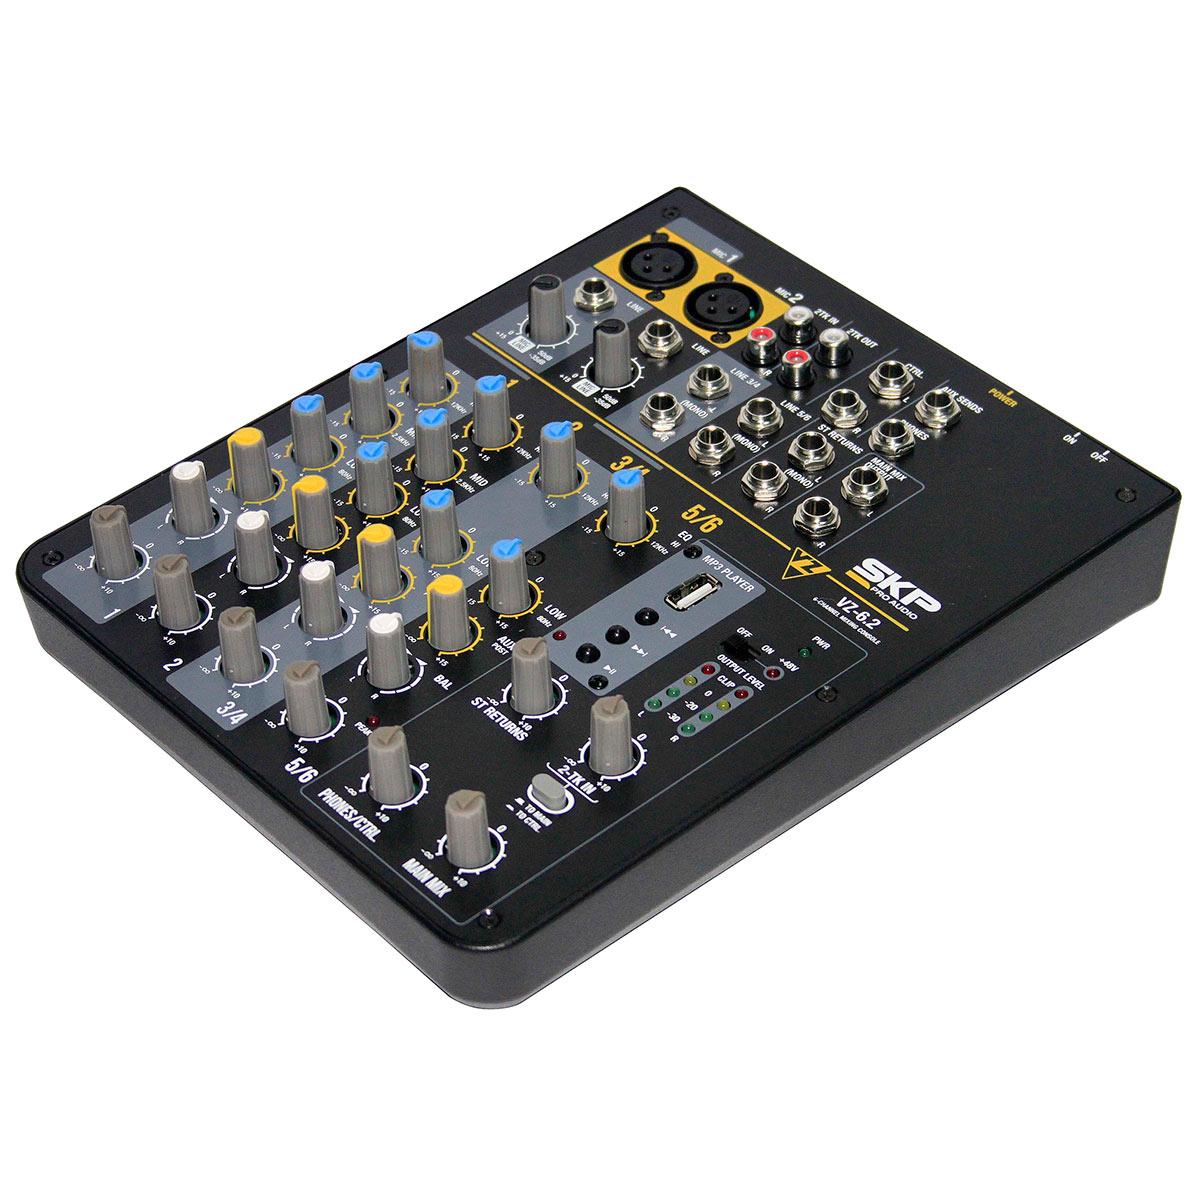 VZ62 - Mesa de Som / Mixer 6 Canais USB 110V VZ 62 - SKP